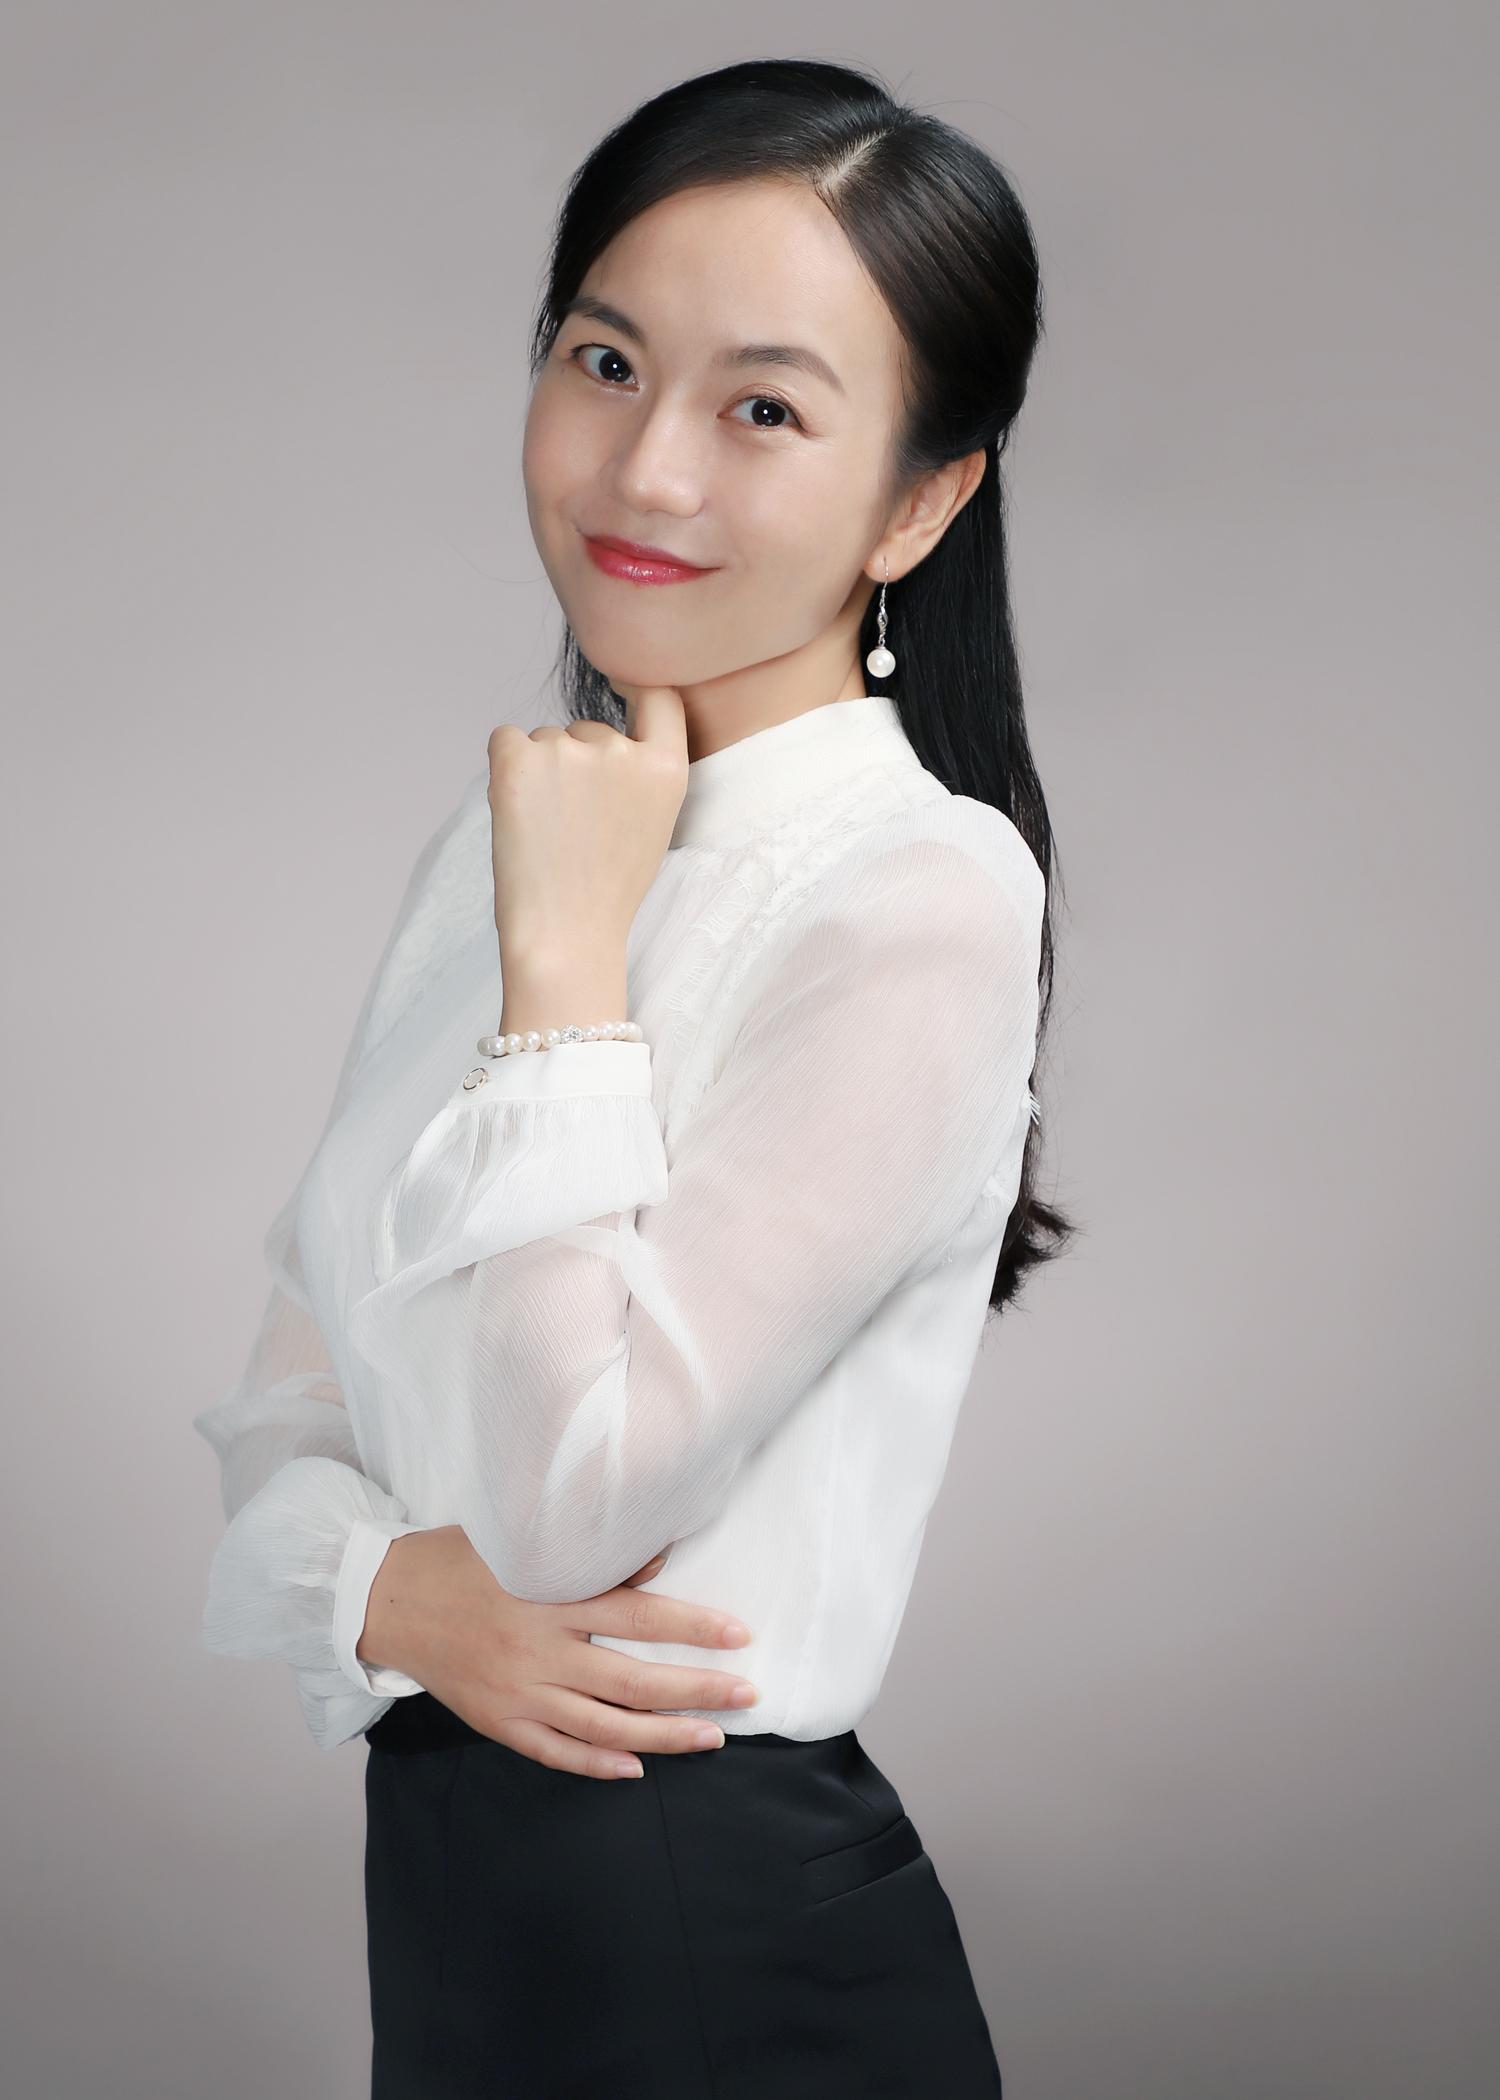 Huijuan Chen